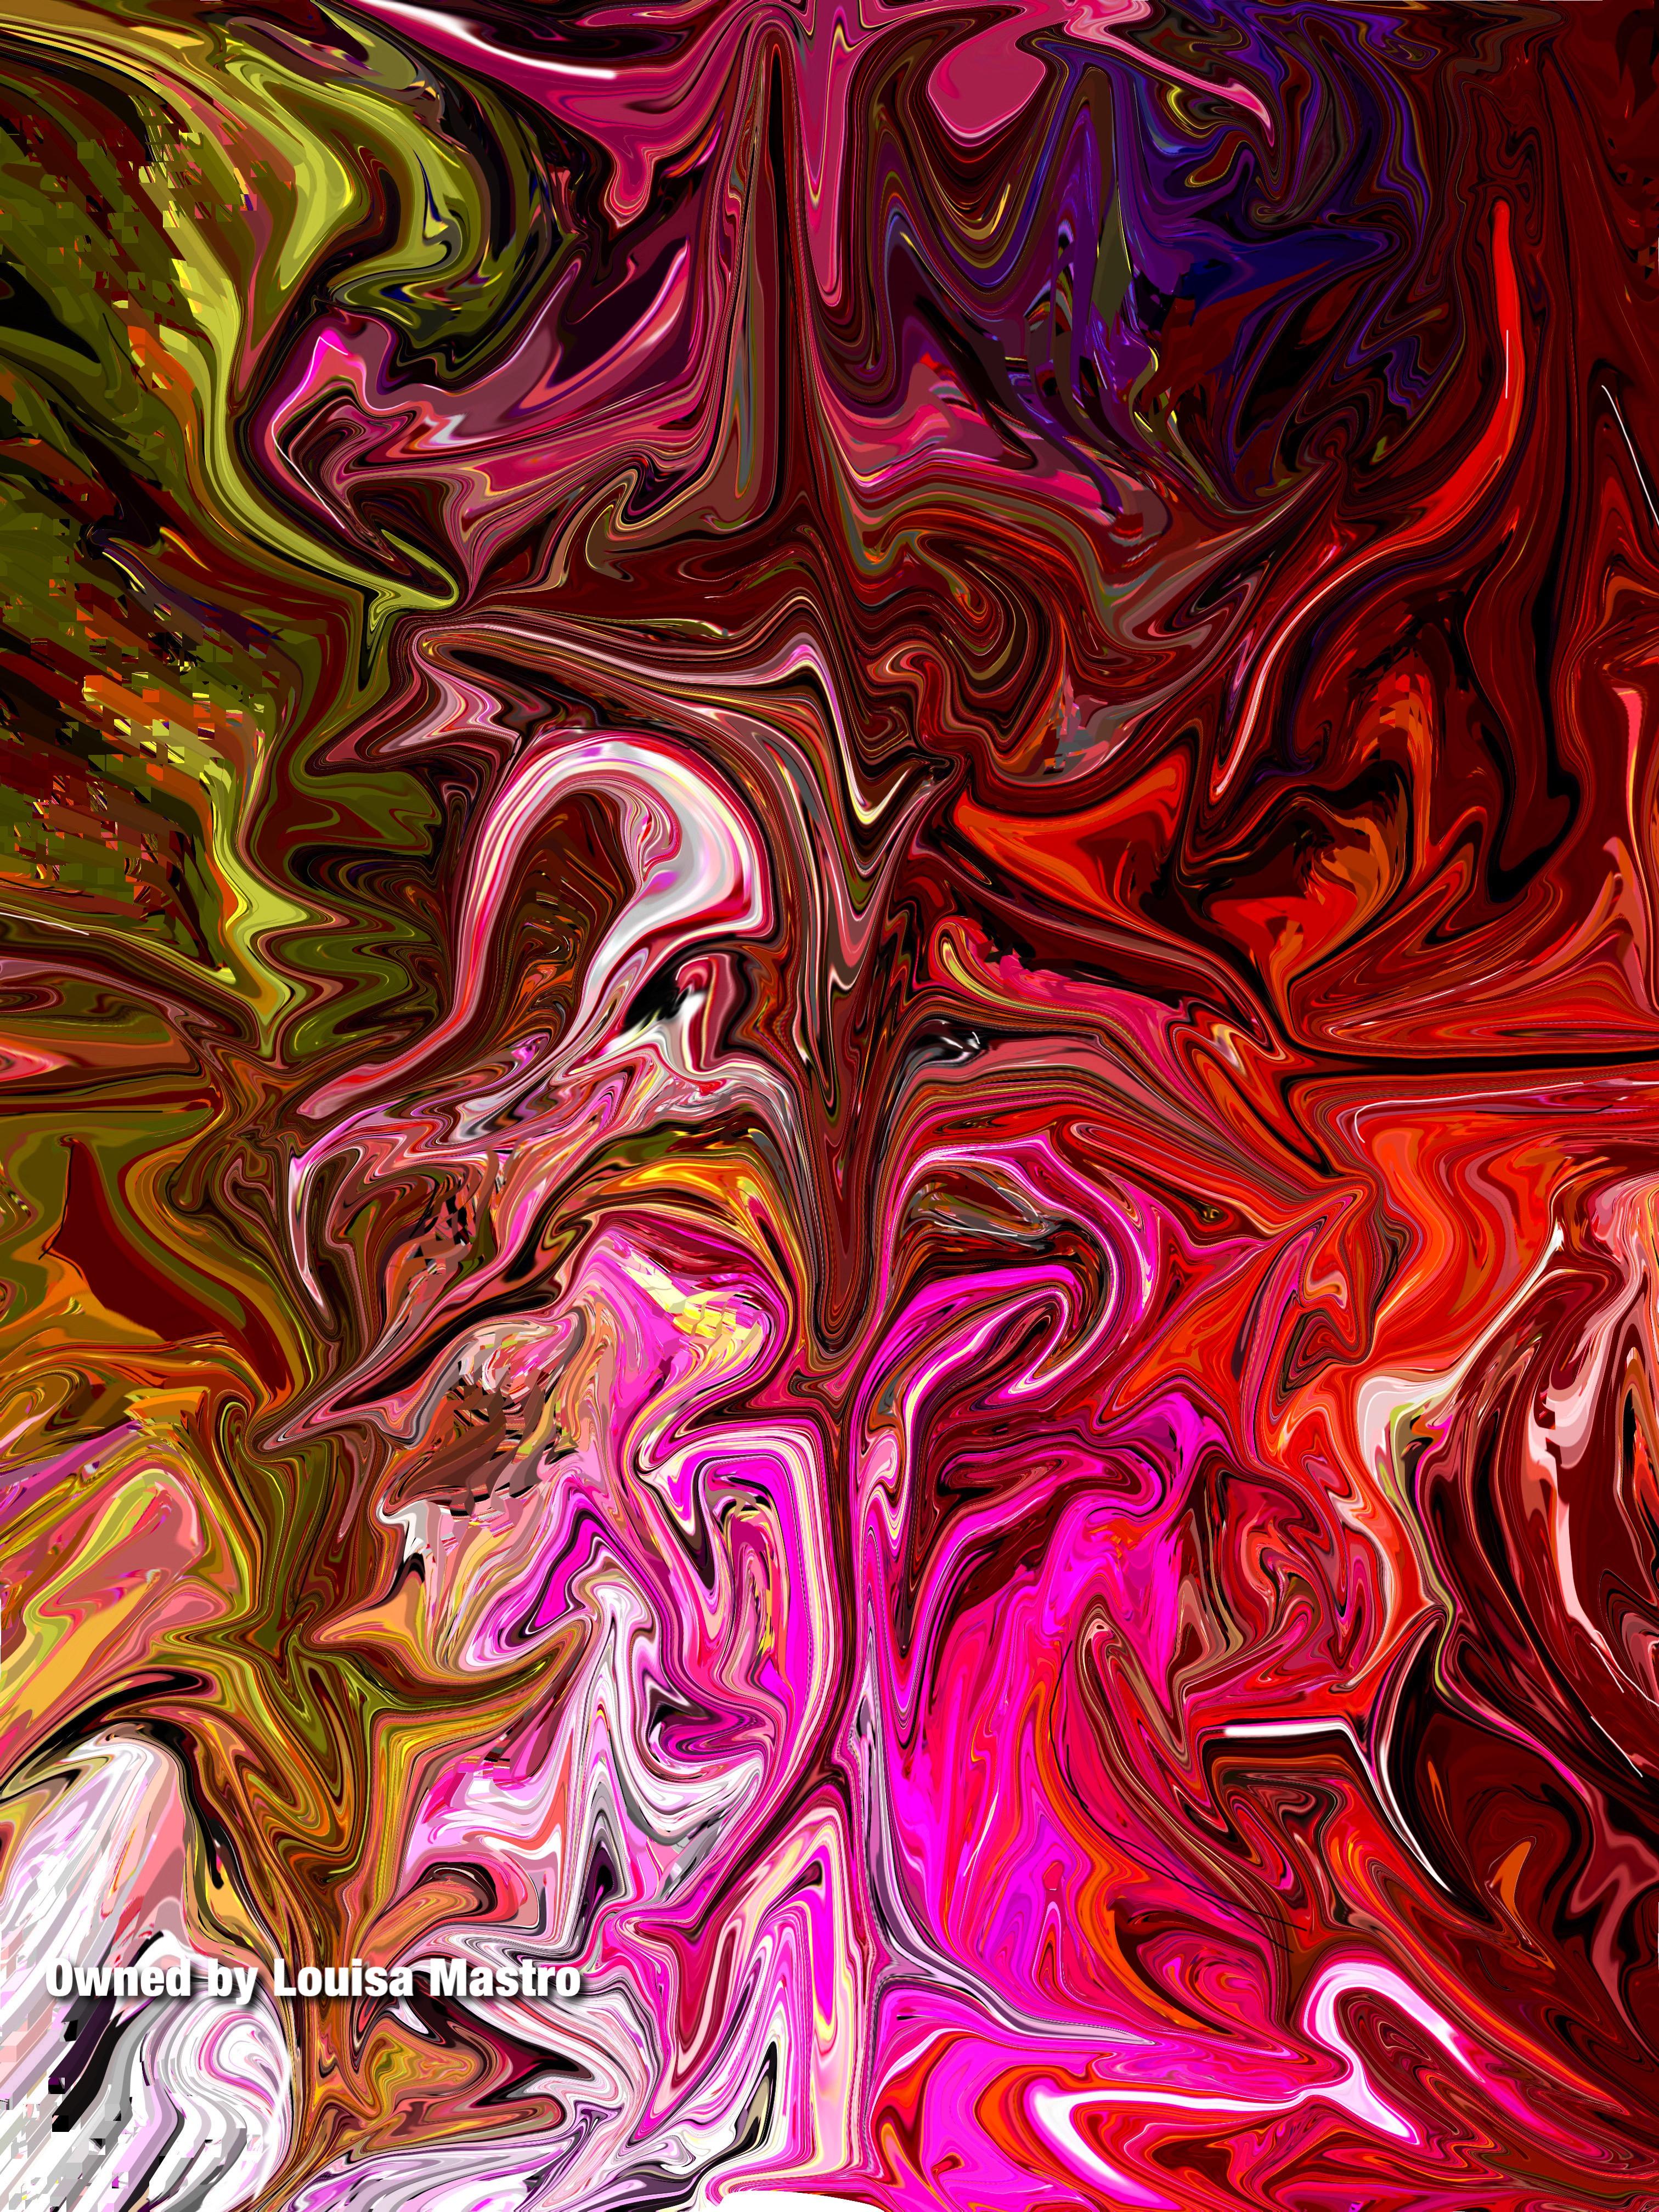 Abstract Wolf (c) Louisa Mastro